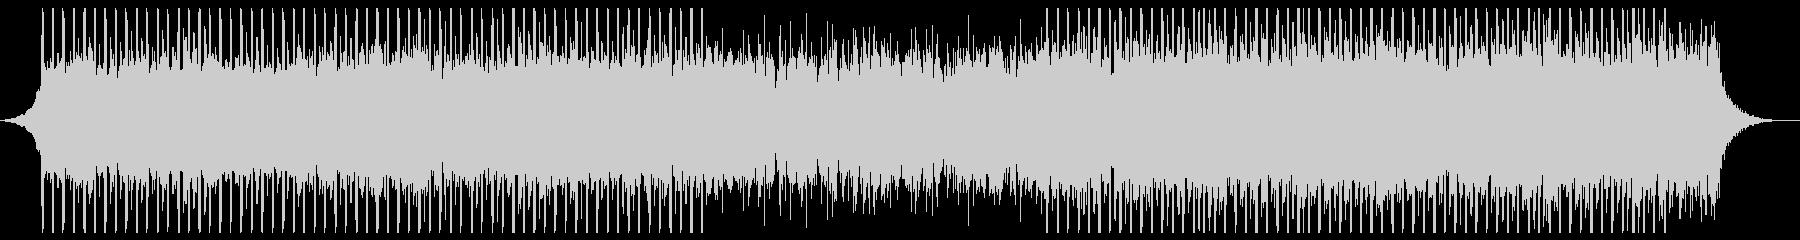 インスピレーションコーポレート(90秒)の未再生の波形